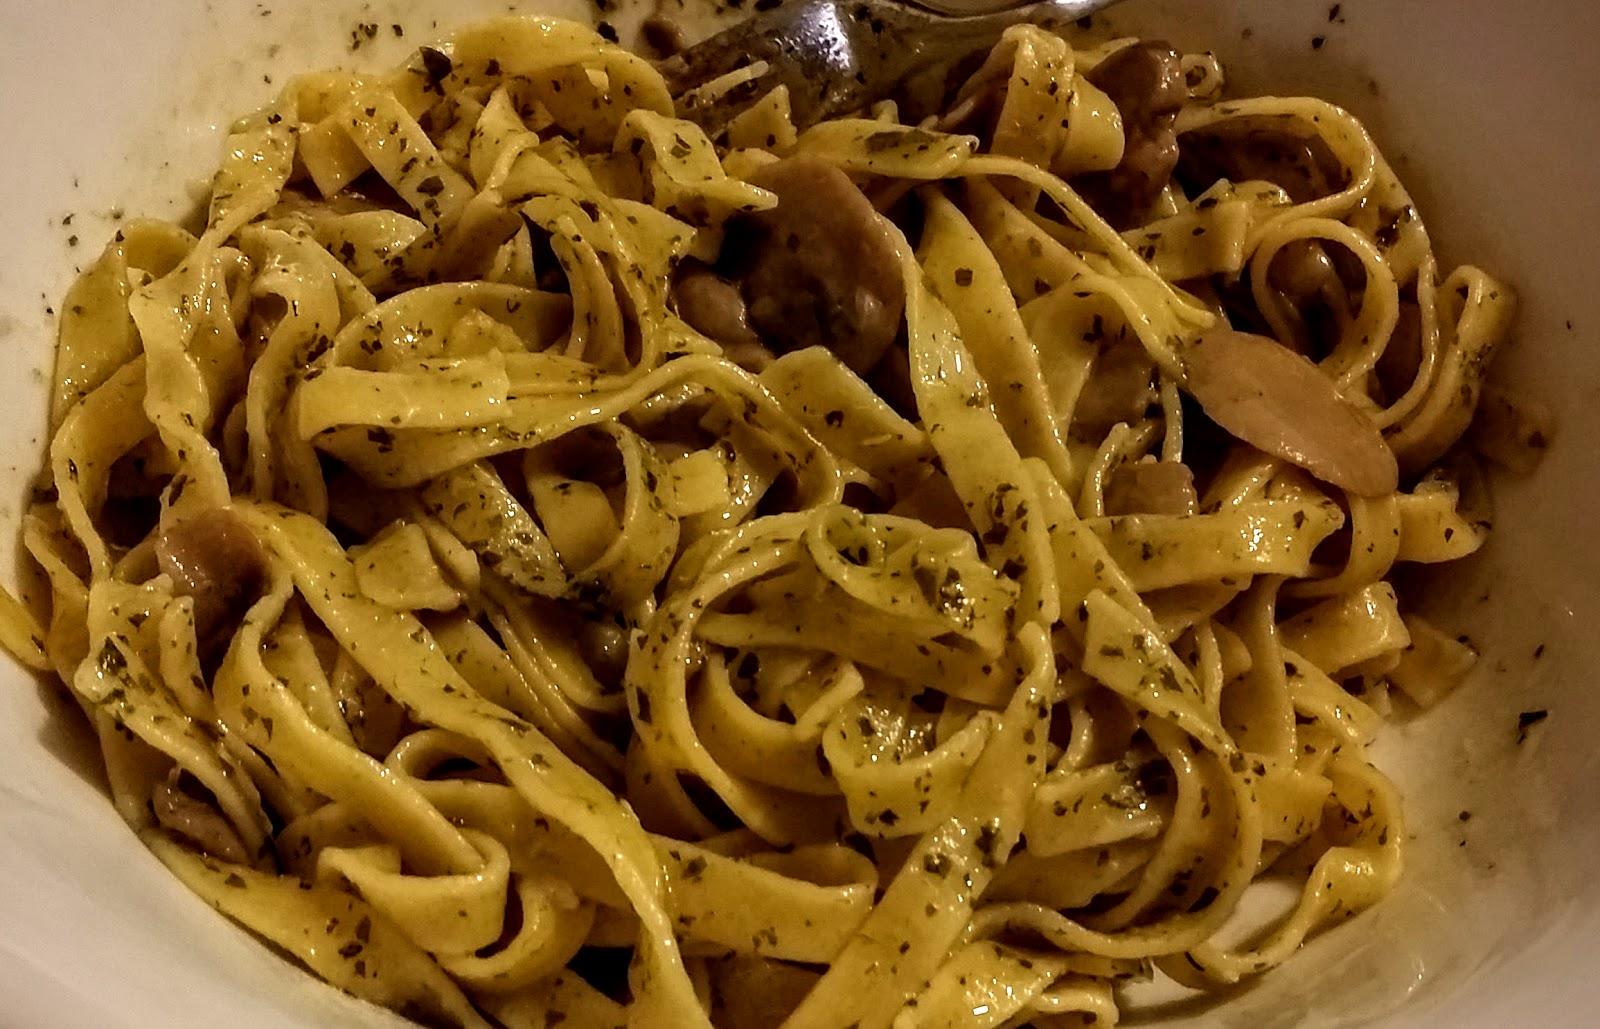 ingredienti per 3 persone 10 g circa di prezzemolo surgelato o fresco 2 spicchi daglio 30 g di olio evo 150 g di funghi champignon affettati surgelati